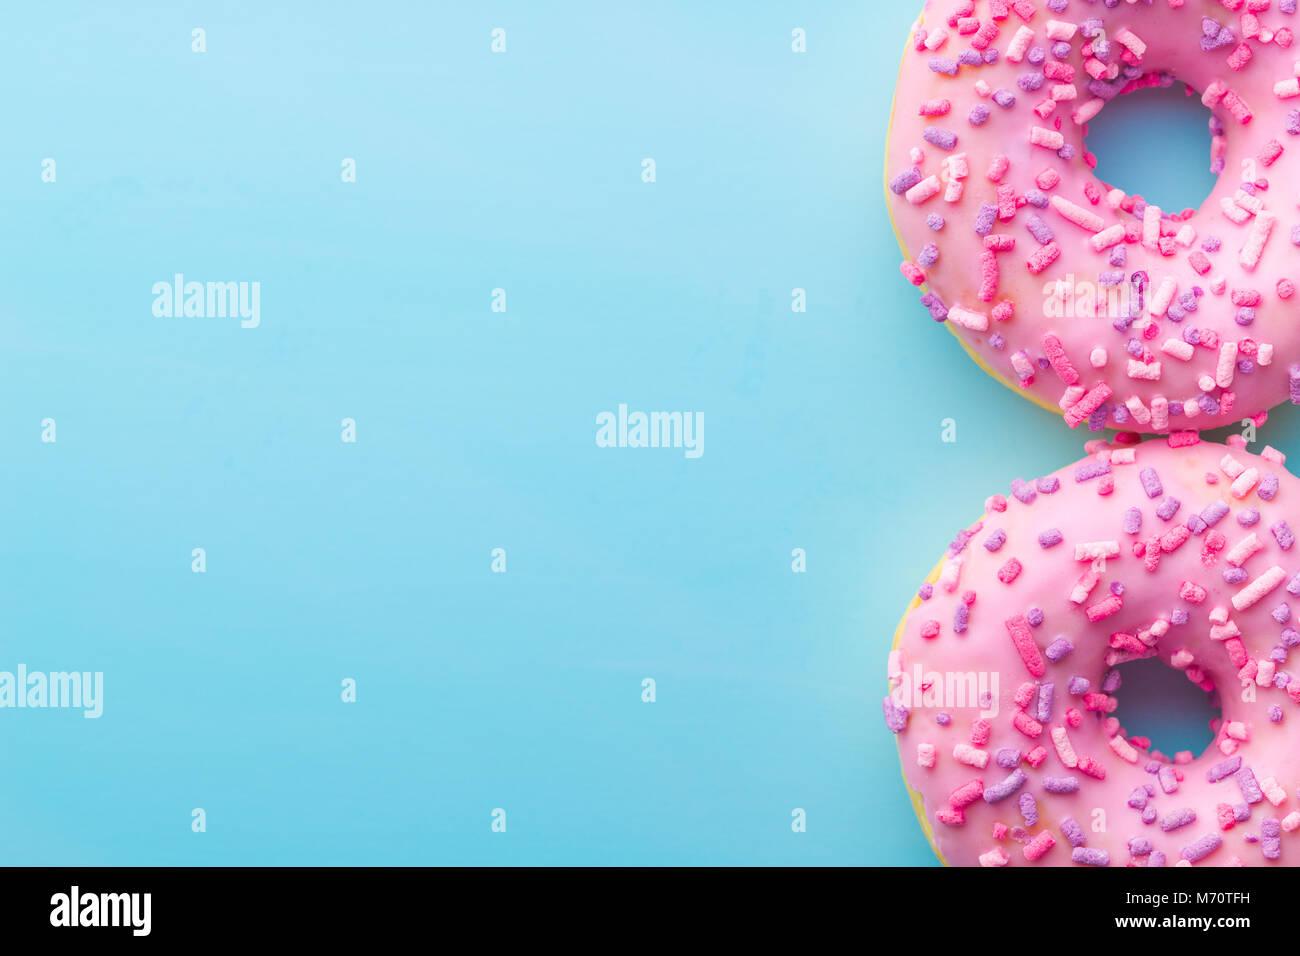 Zwei rosa Donuts auf blauem Hintergrund. Stockbild